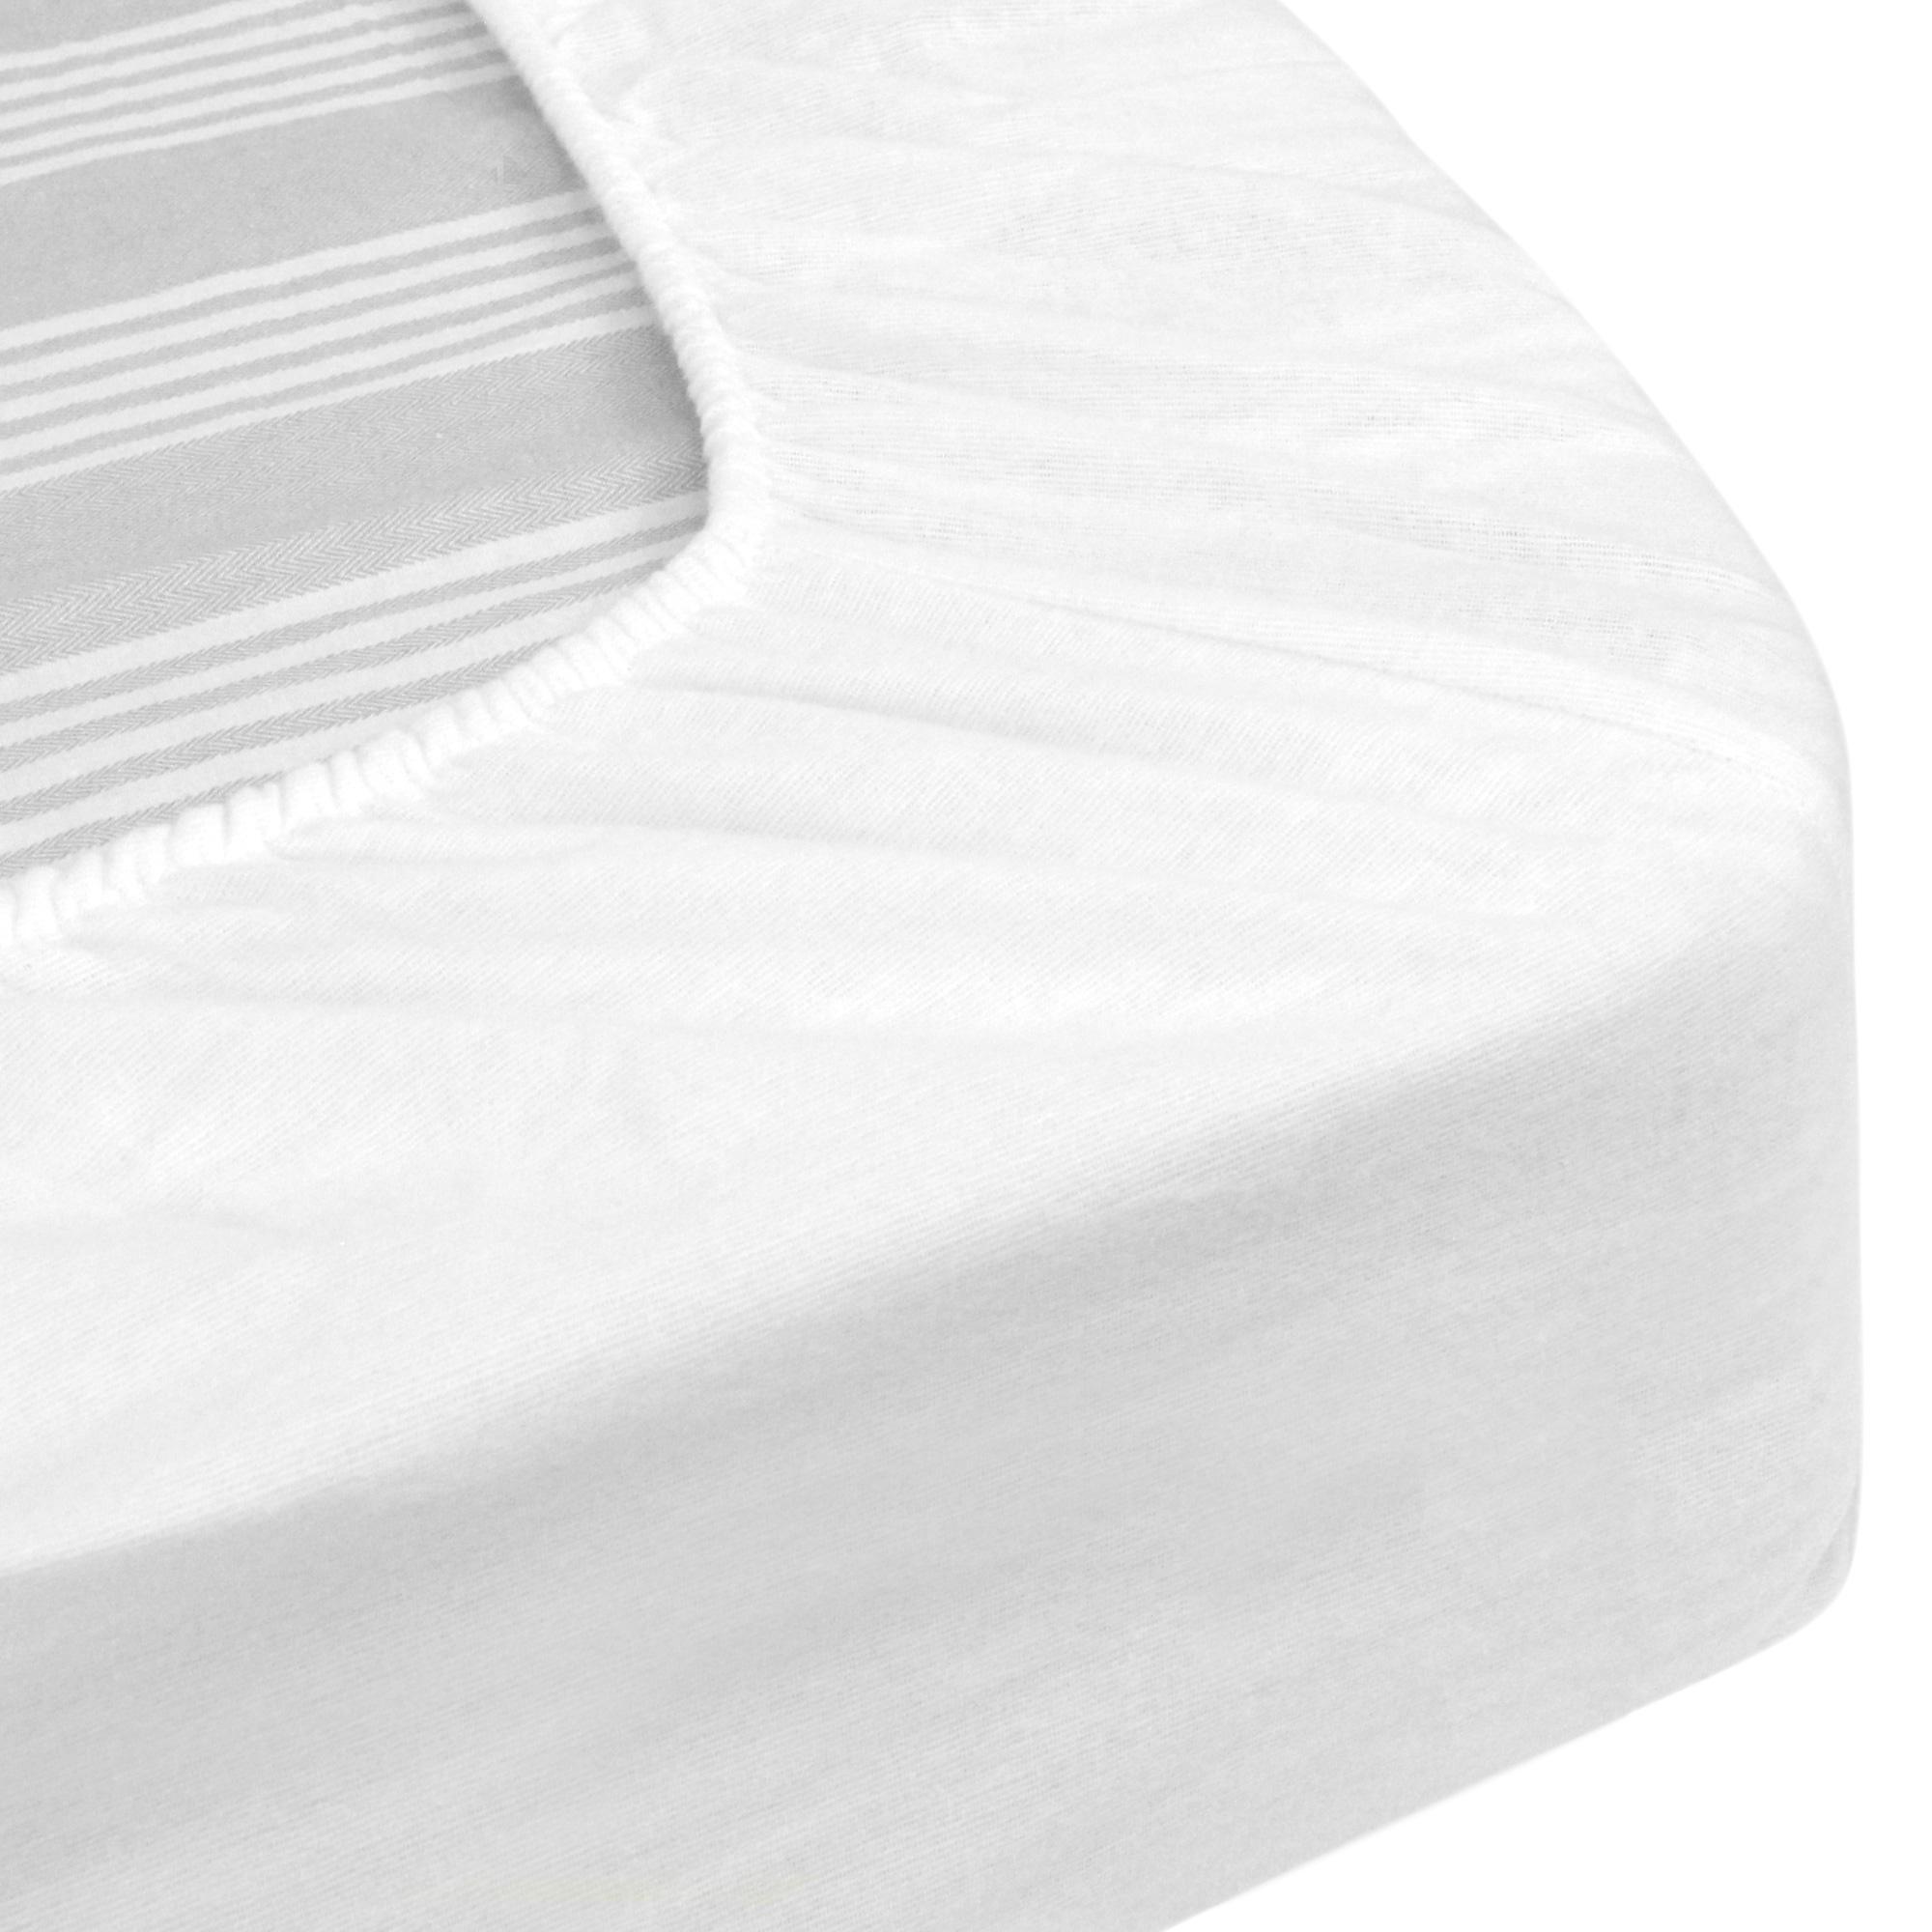 prot ge matelas imperm able 120x200 cm bonnet 30cm arnon molleton 100 coton contrecoll. Black Bedroom Furniture Sets. Home Design Ideas